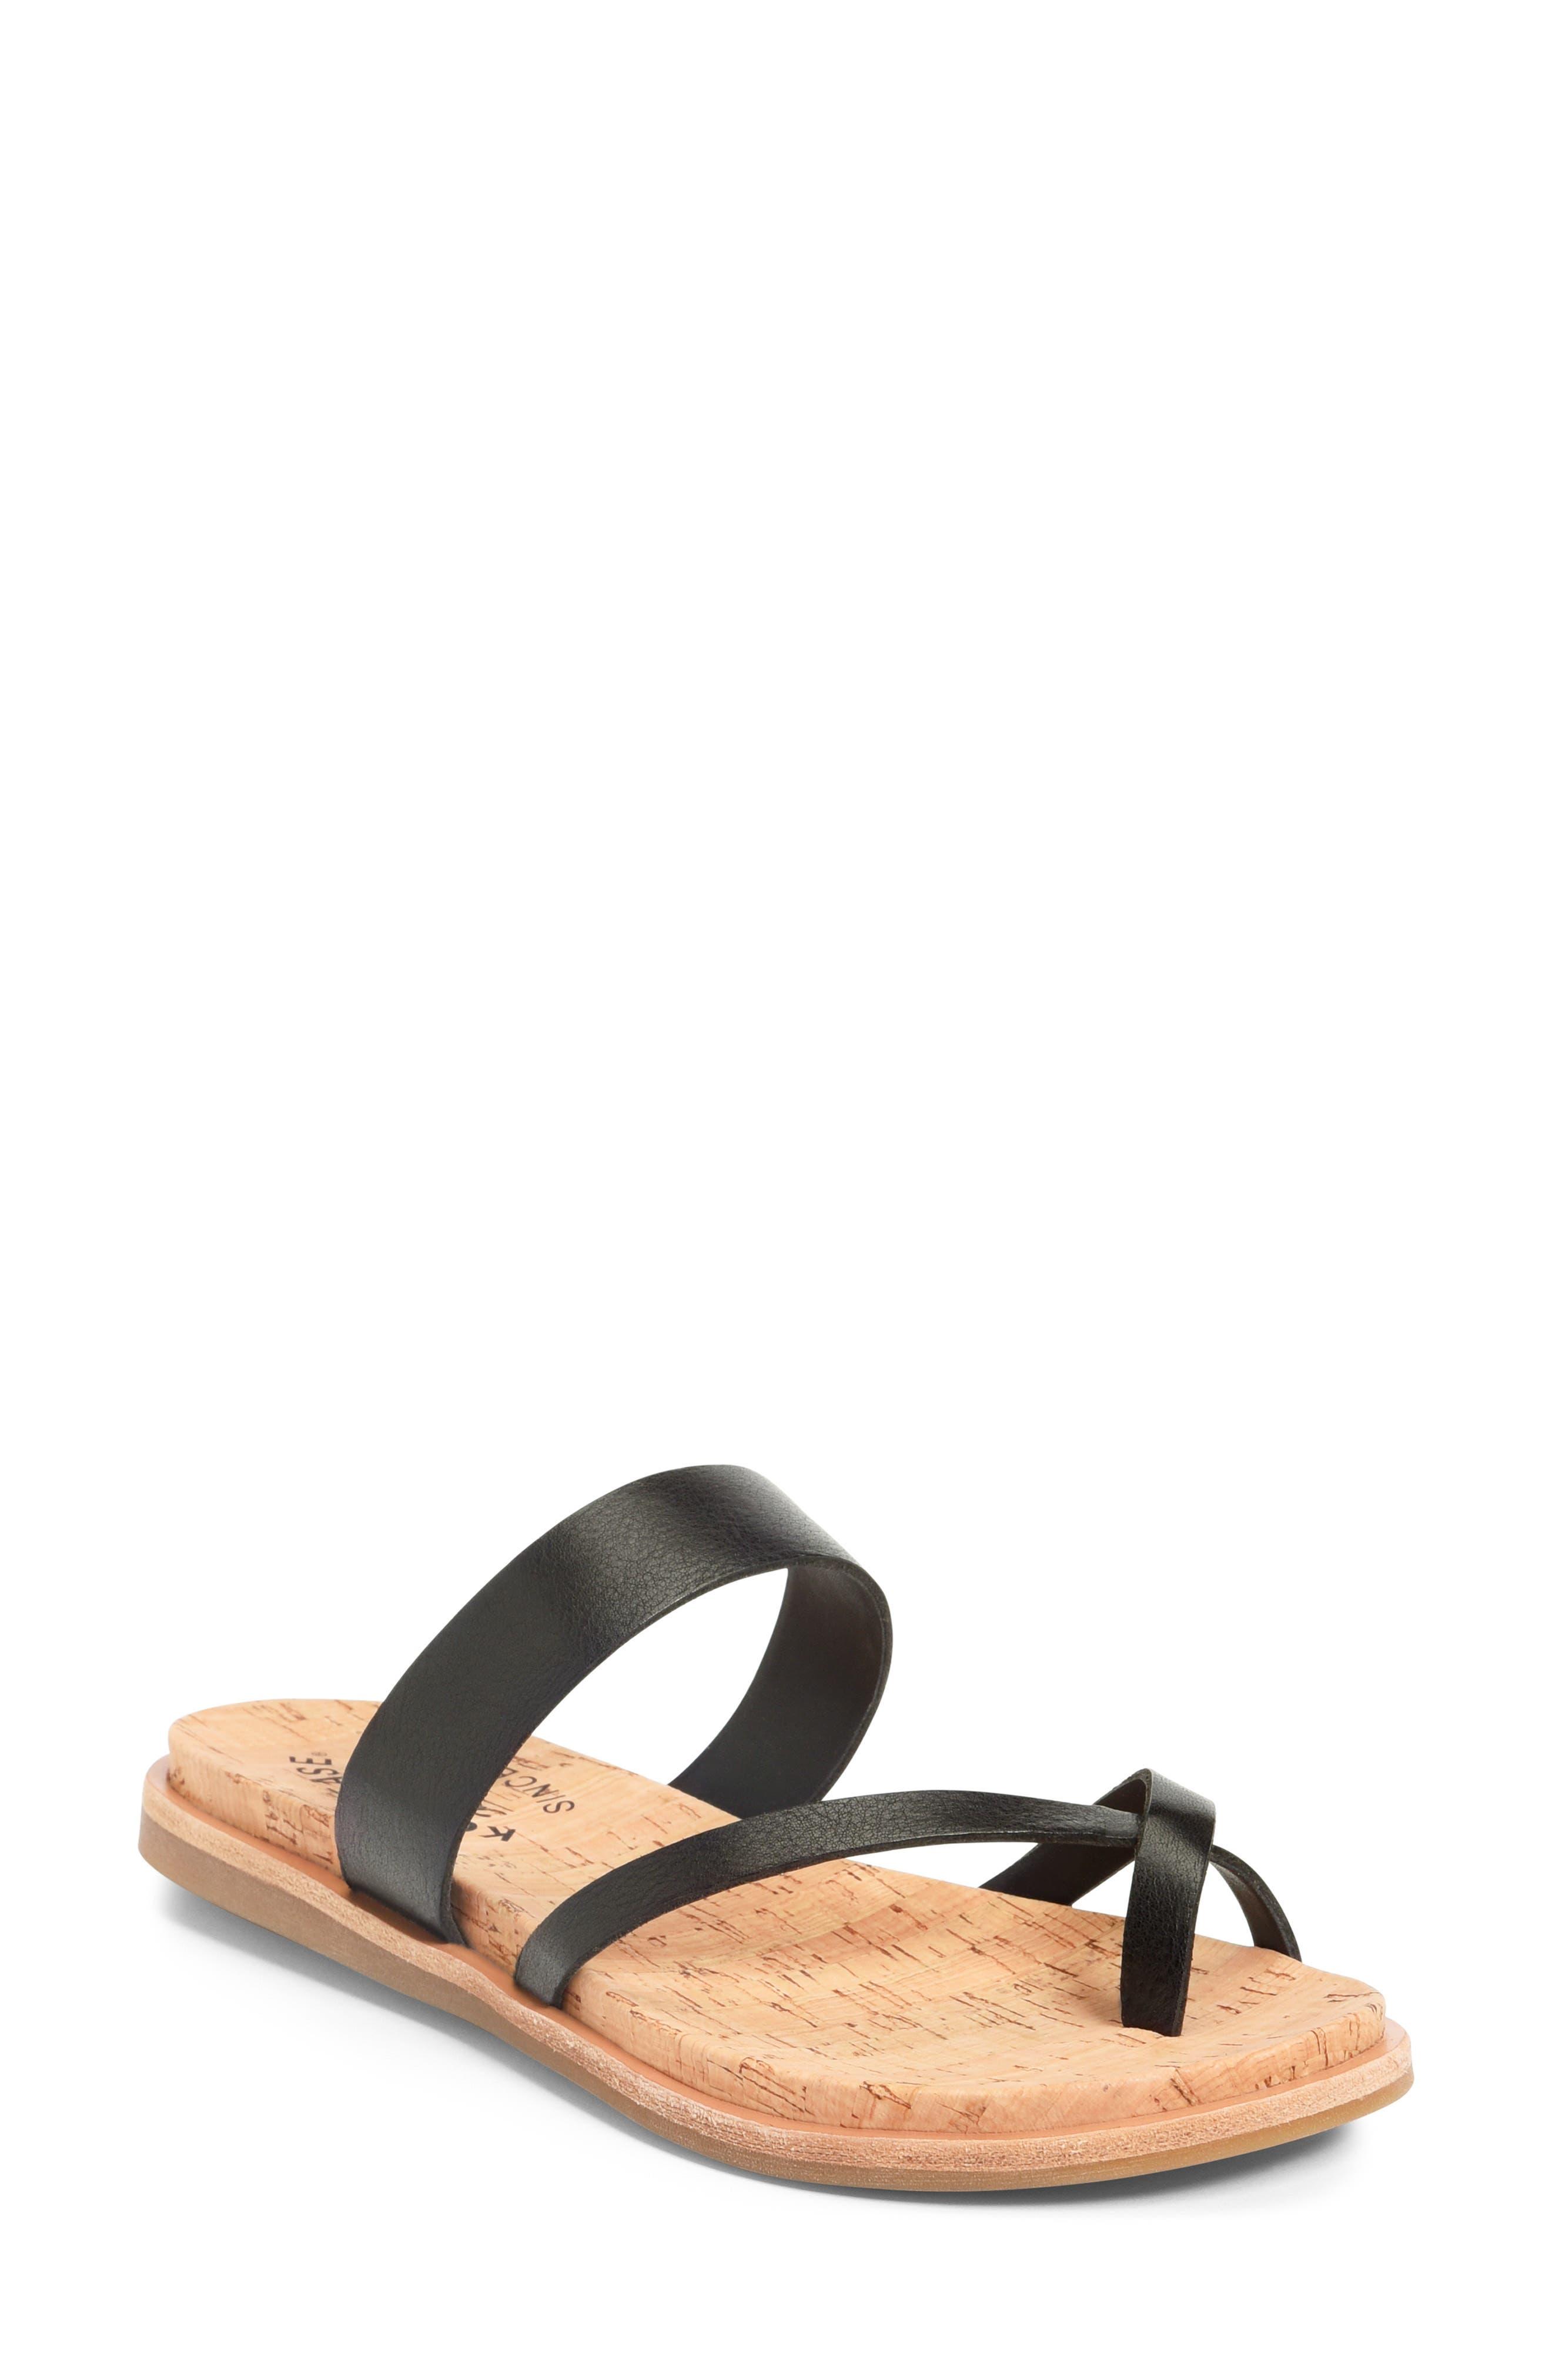 Women's Kork-Ease Belinda Slide Sandal